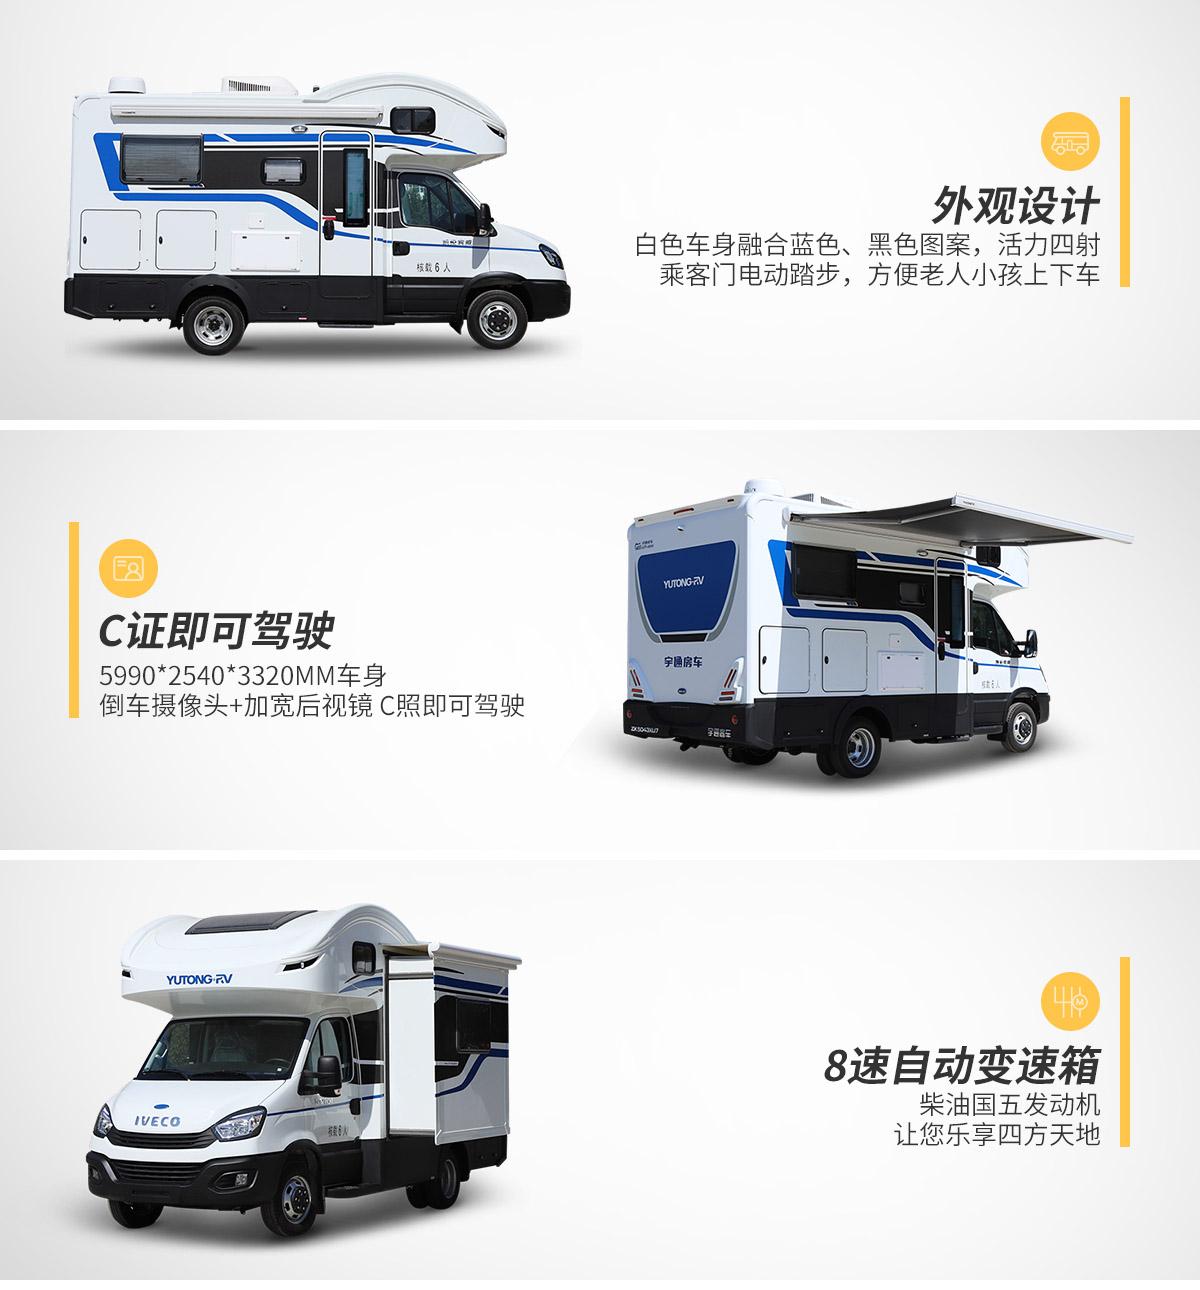 宇通C533单拓展房车